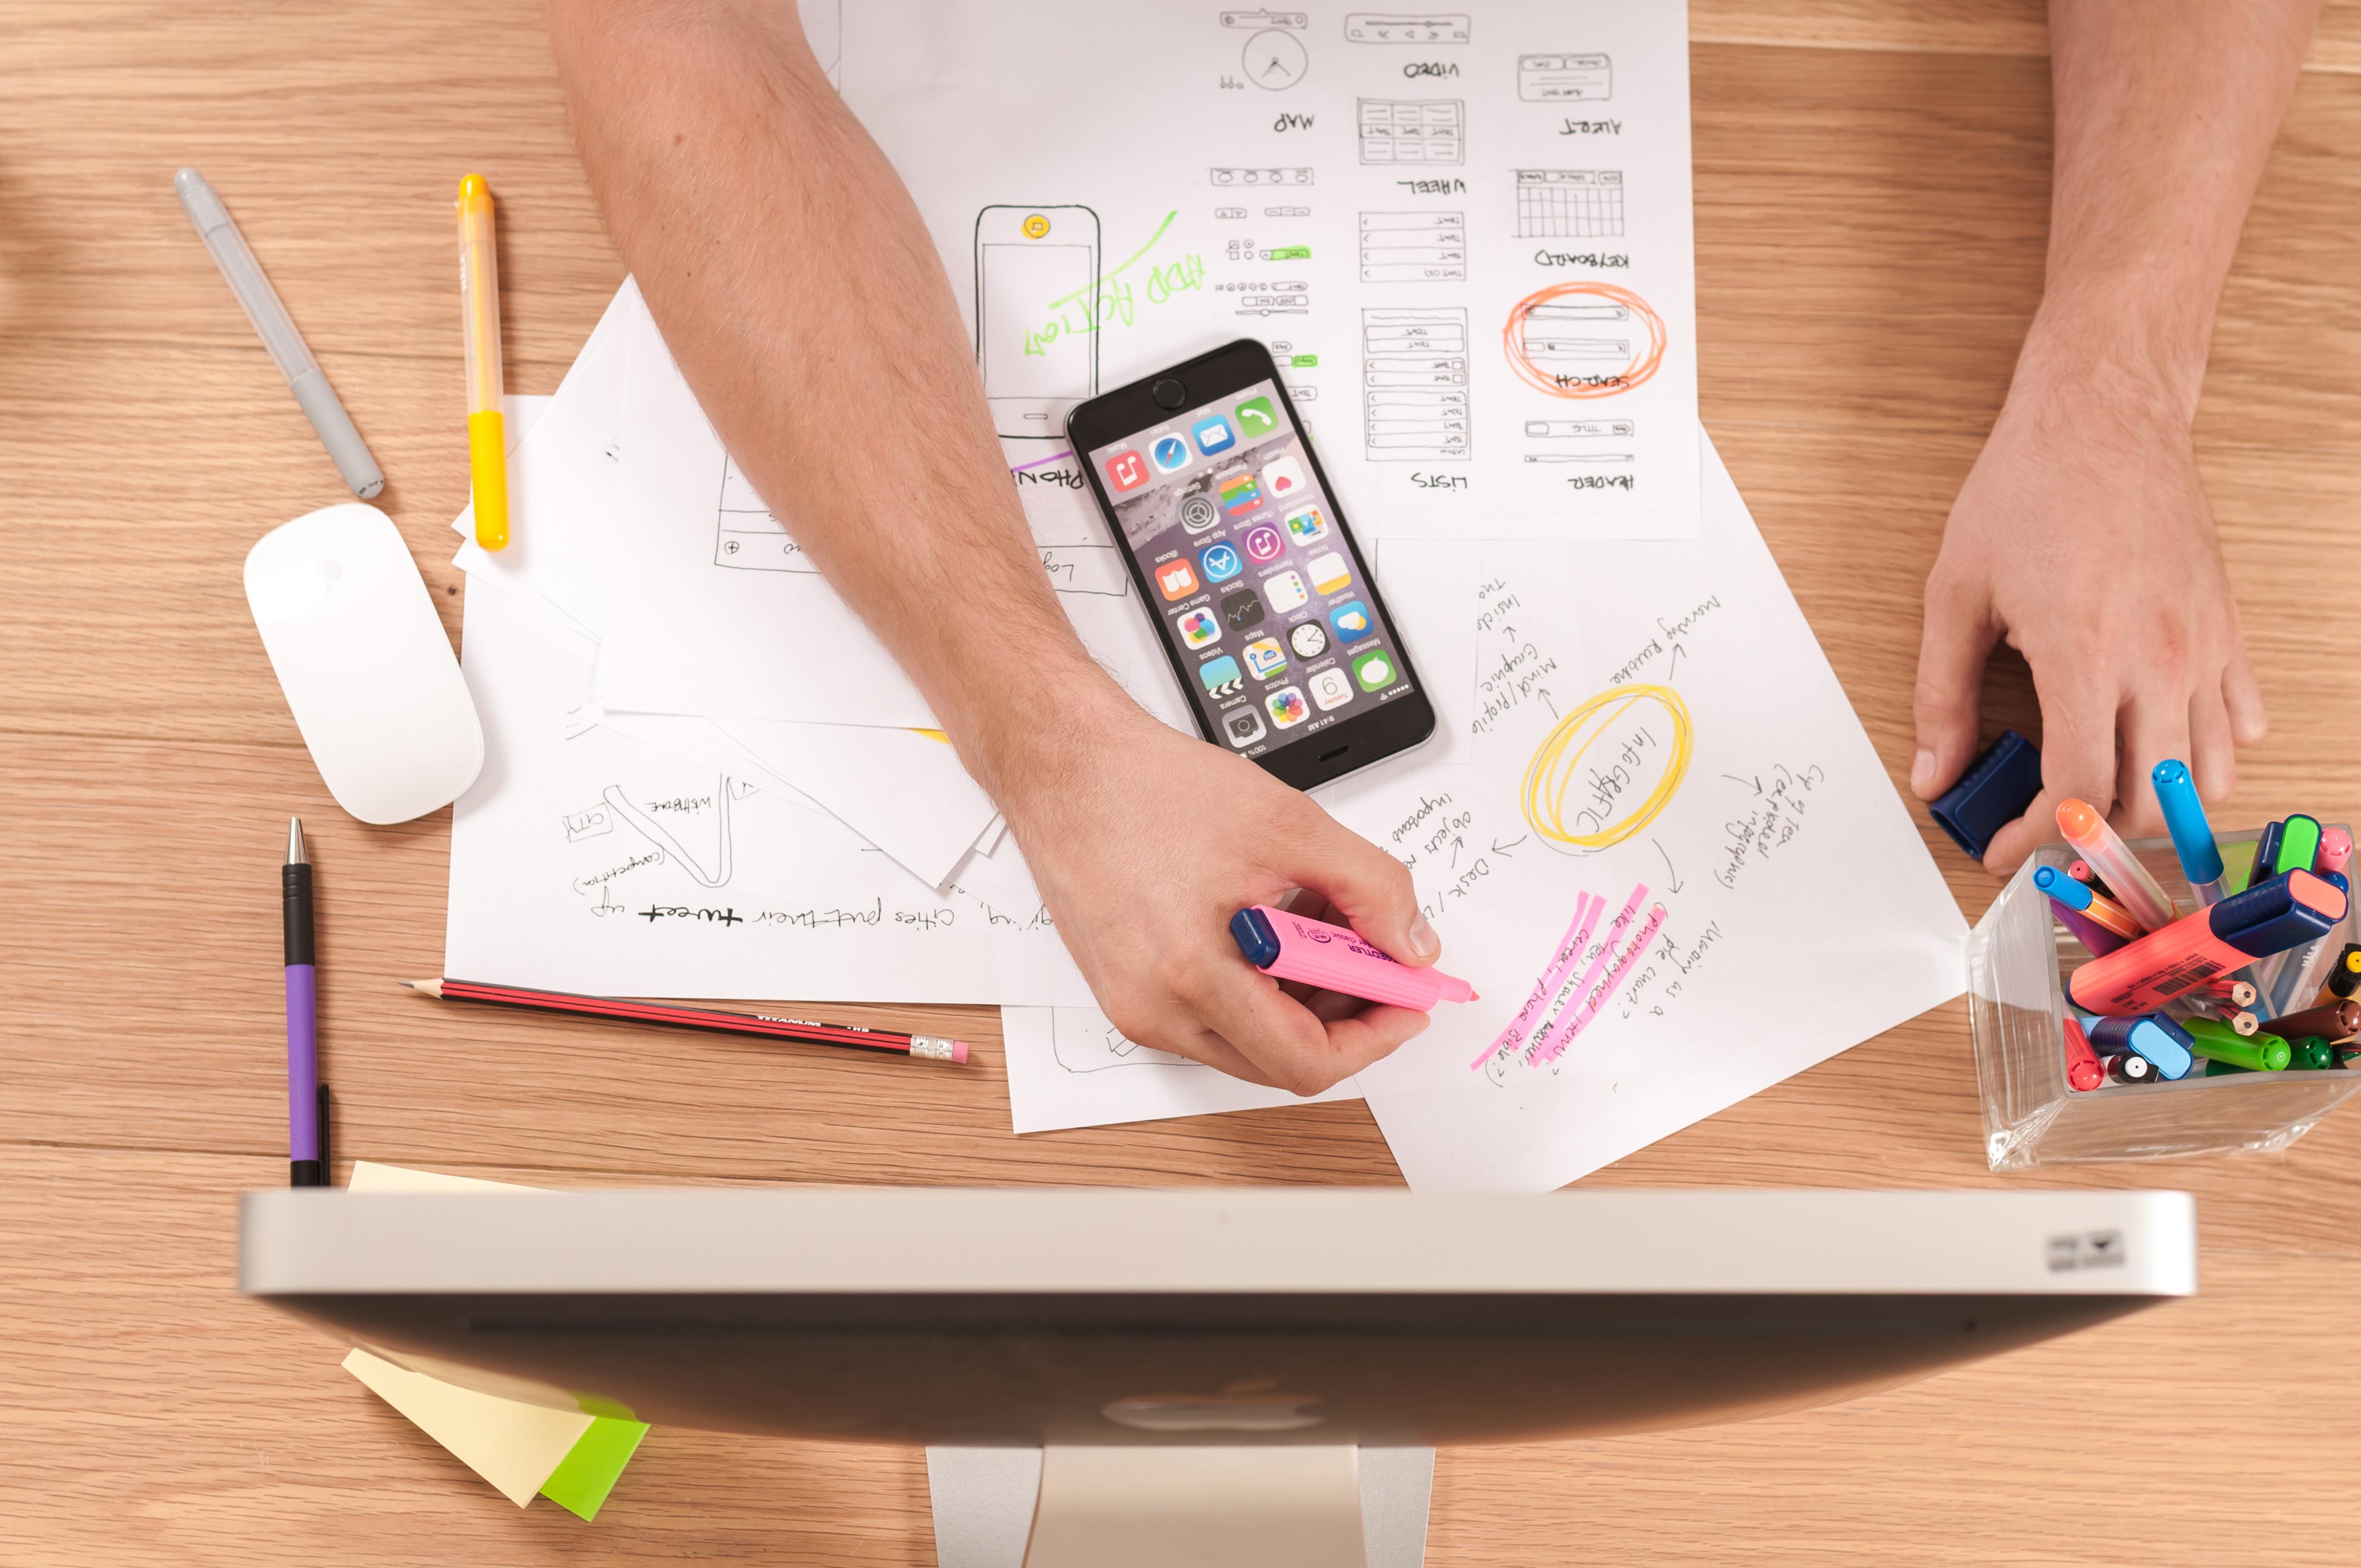 10 сервисов и приложений для продуктивности, о которых вы не знали